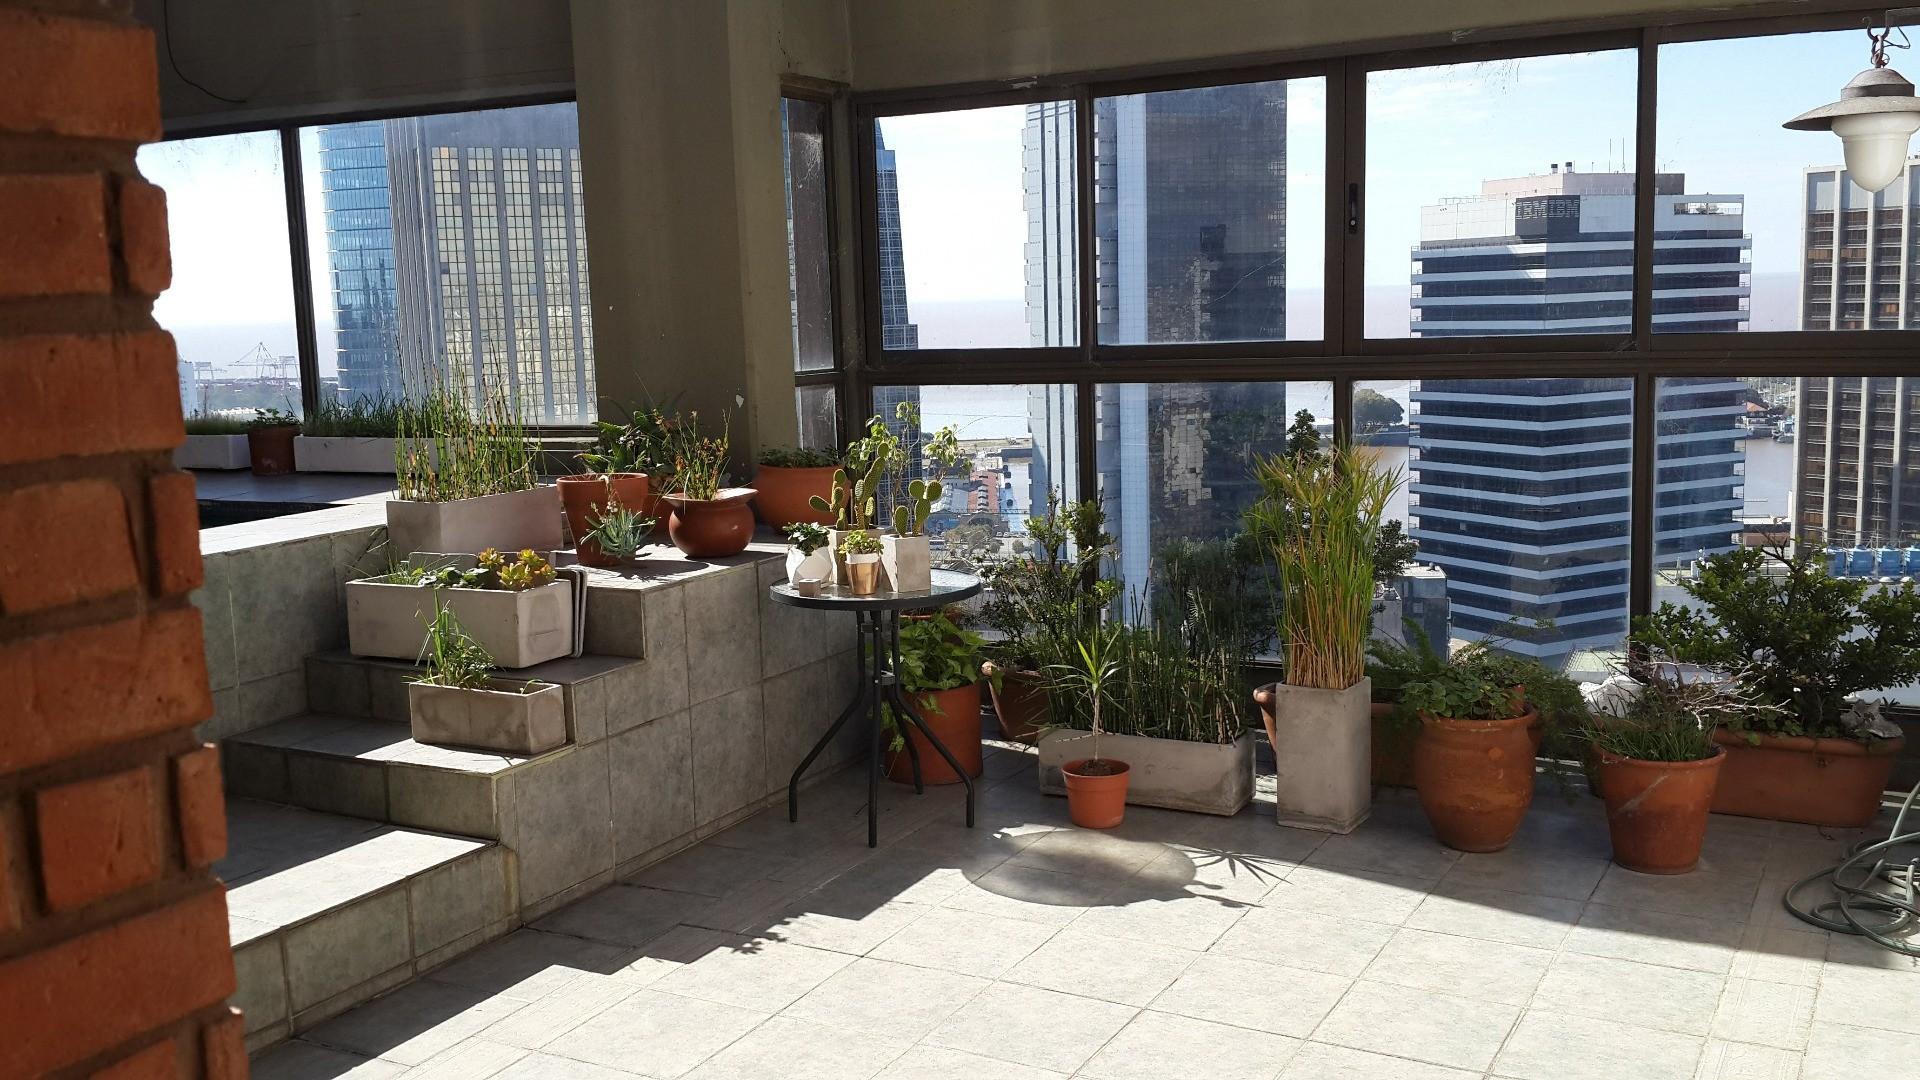 ÚNICO TODO SOL !!!  Departamento con Terraza y pileta propia, 5 ambientes con dep. y  cochera .